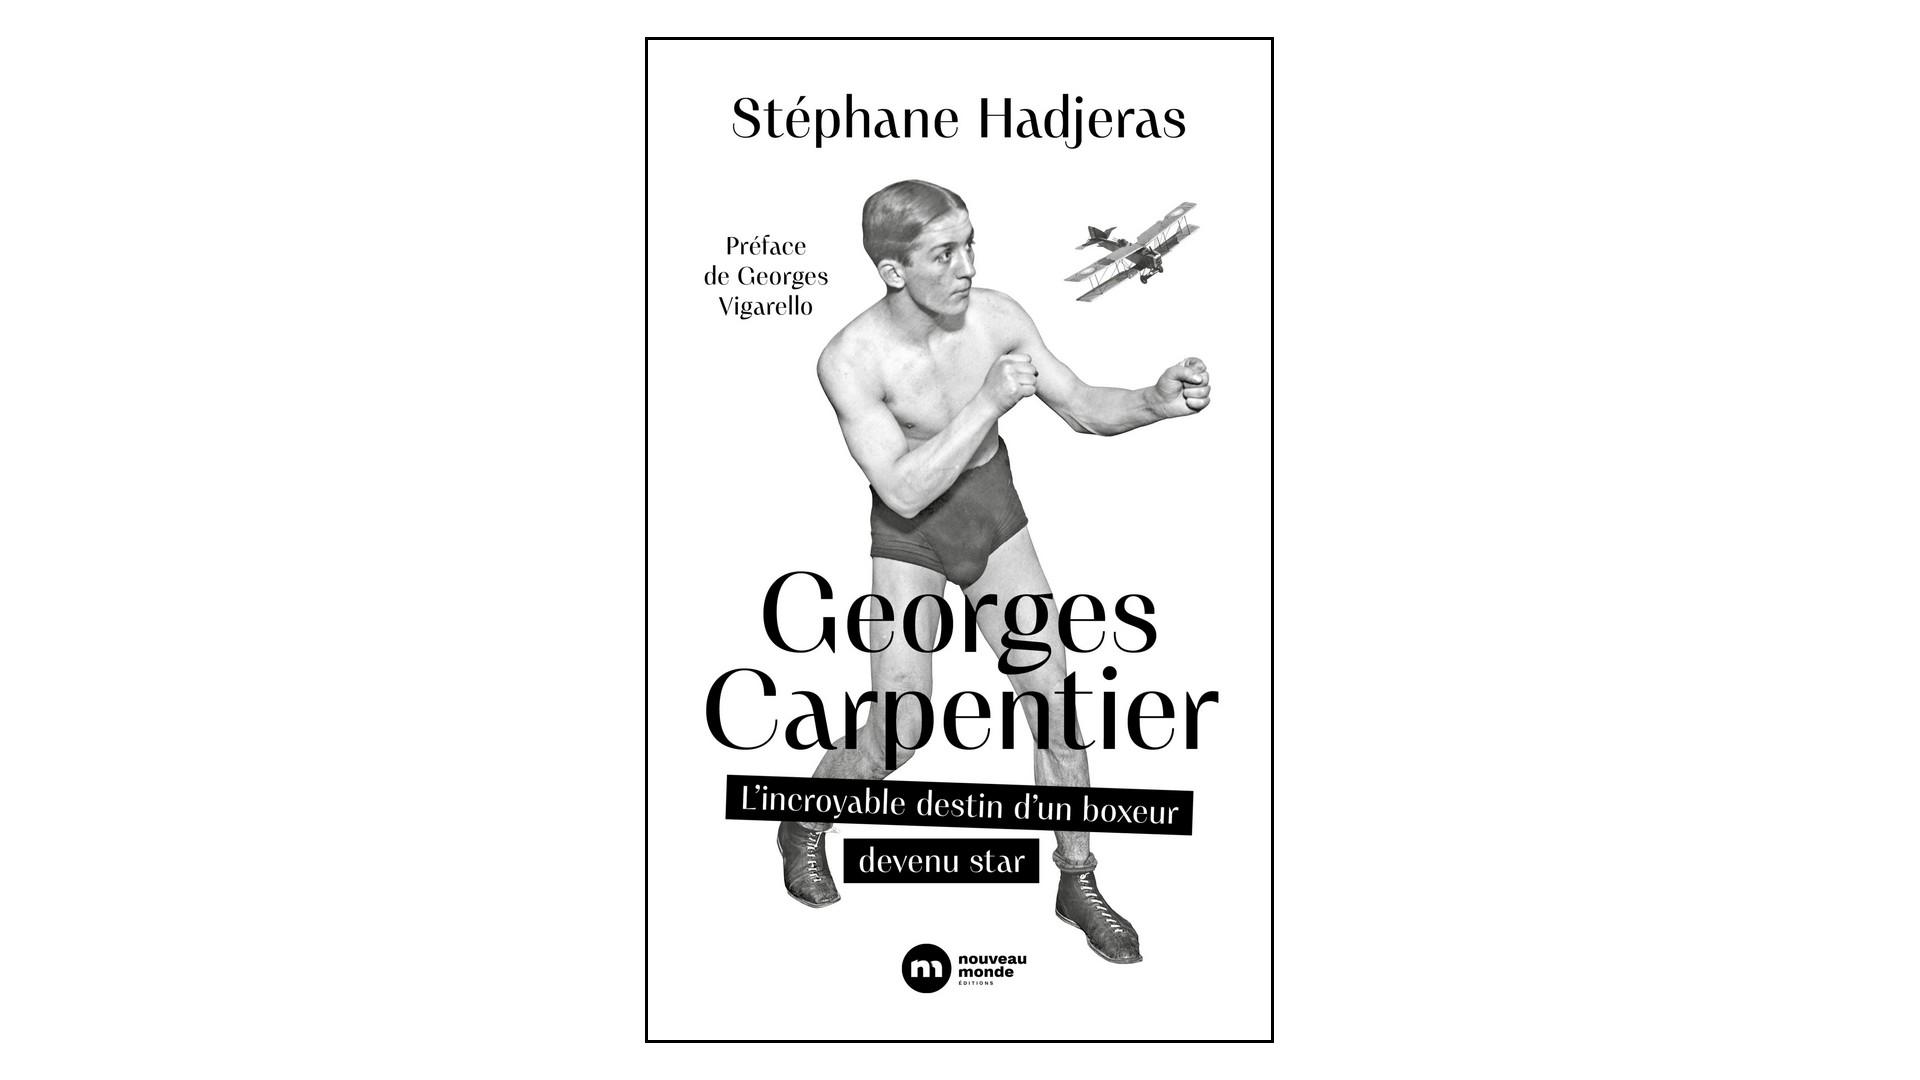 Georges Carpentier – Stéphane Hadjeras (2021)